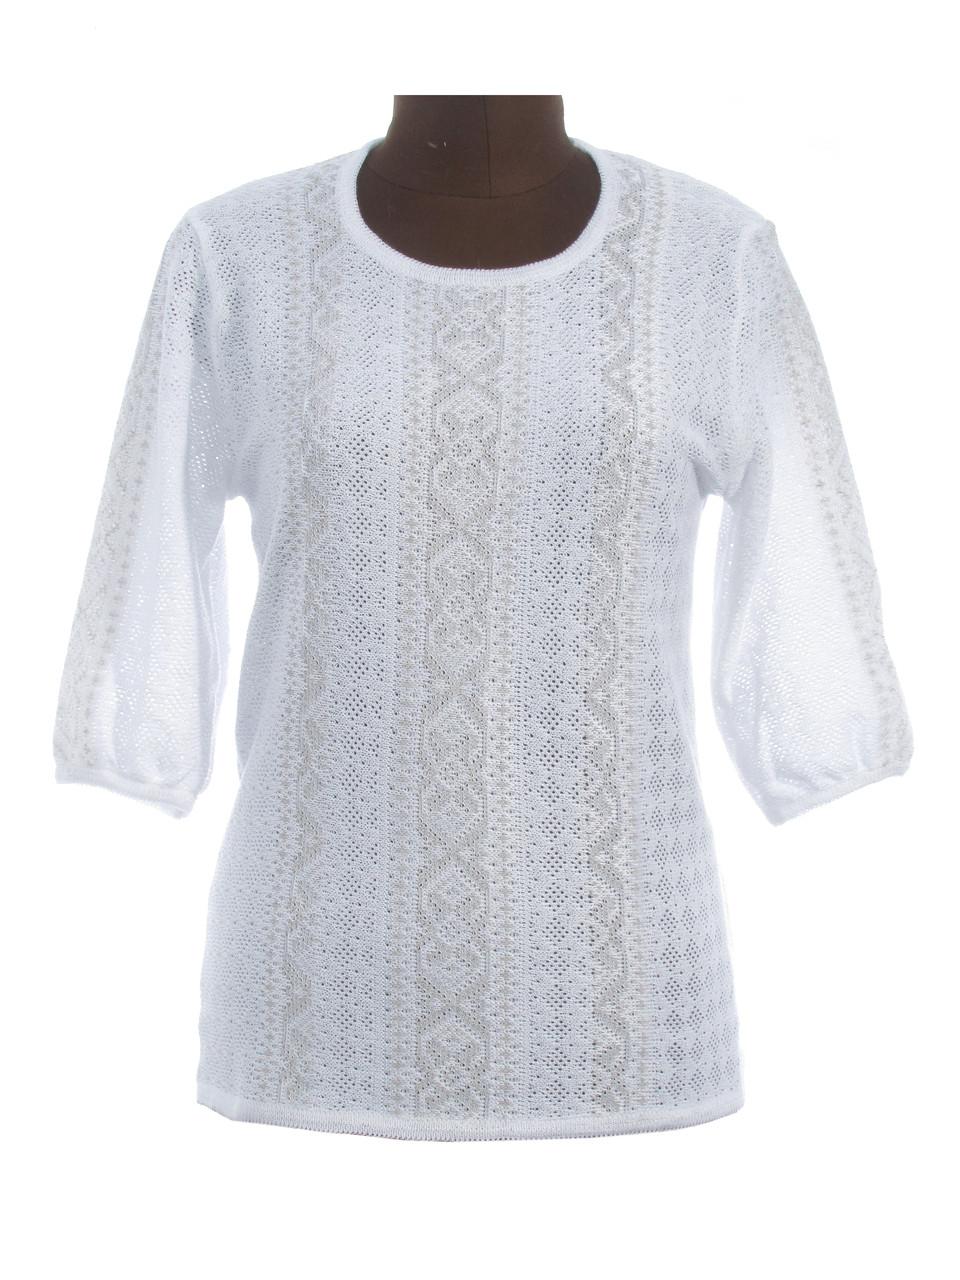 Женская рубашка вязаная Маруся (3/4 рукав) (х/б)